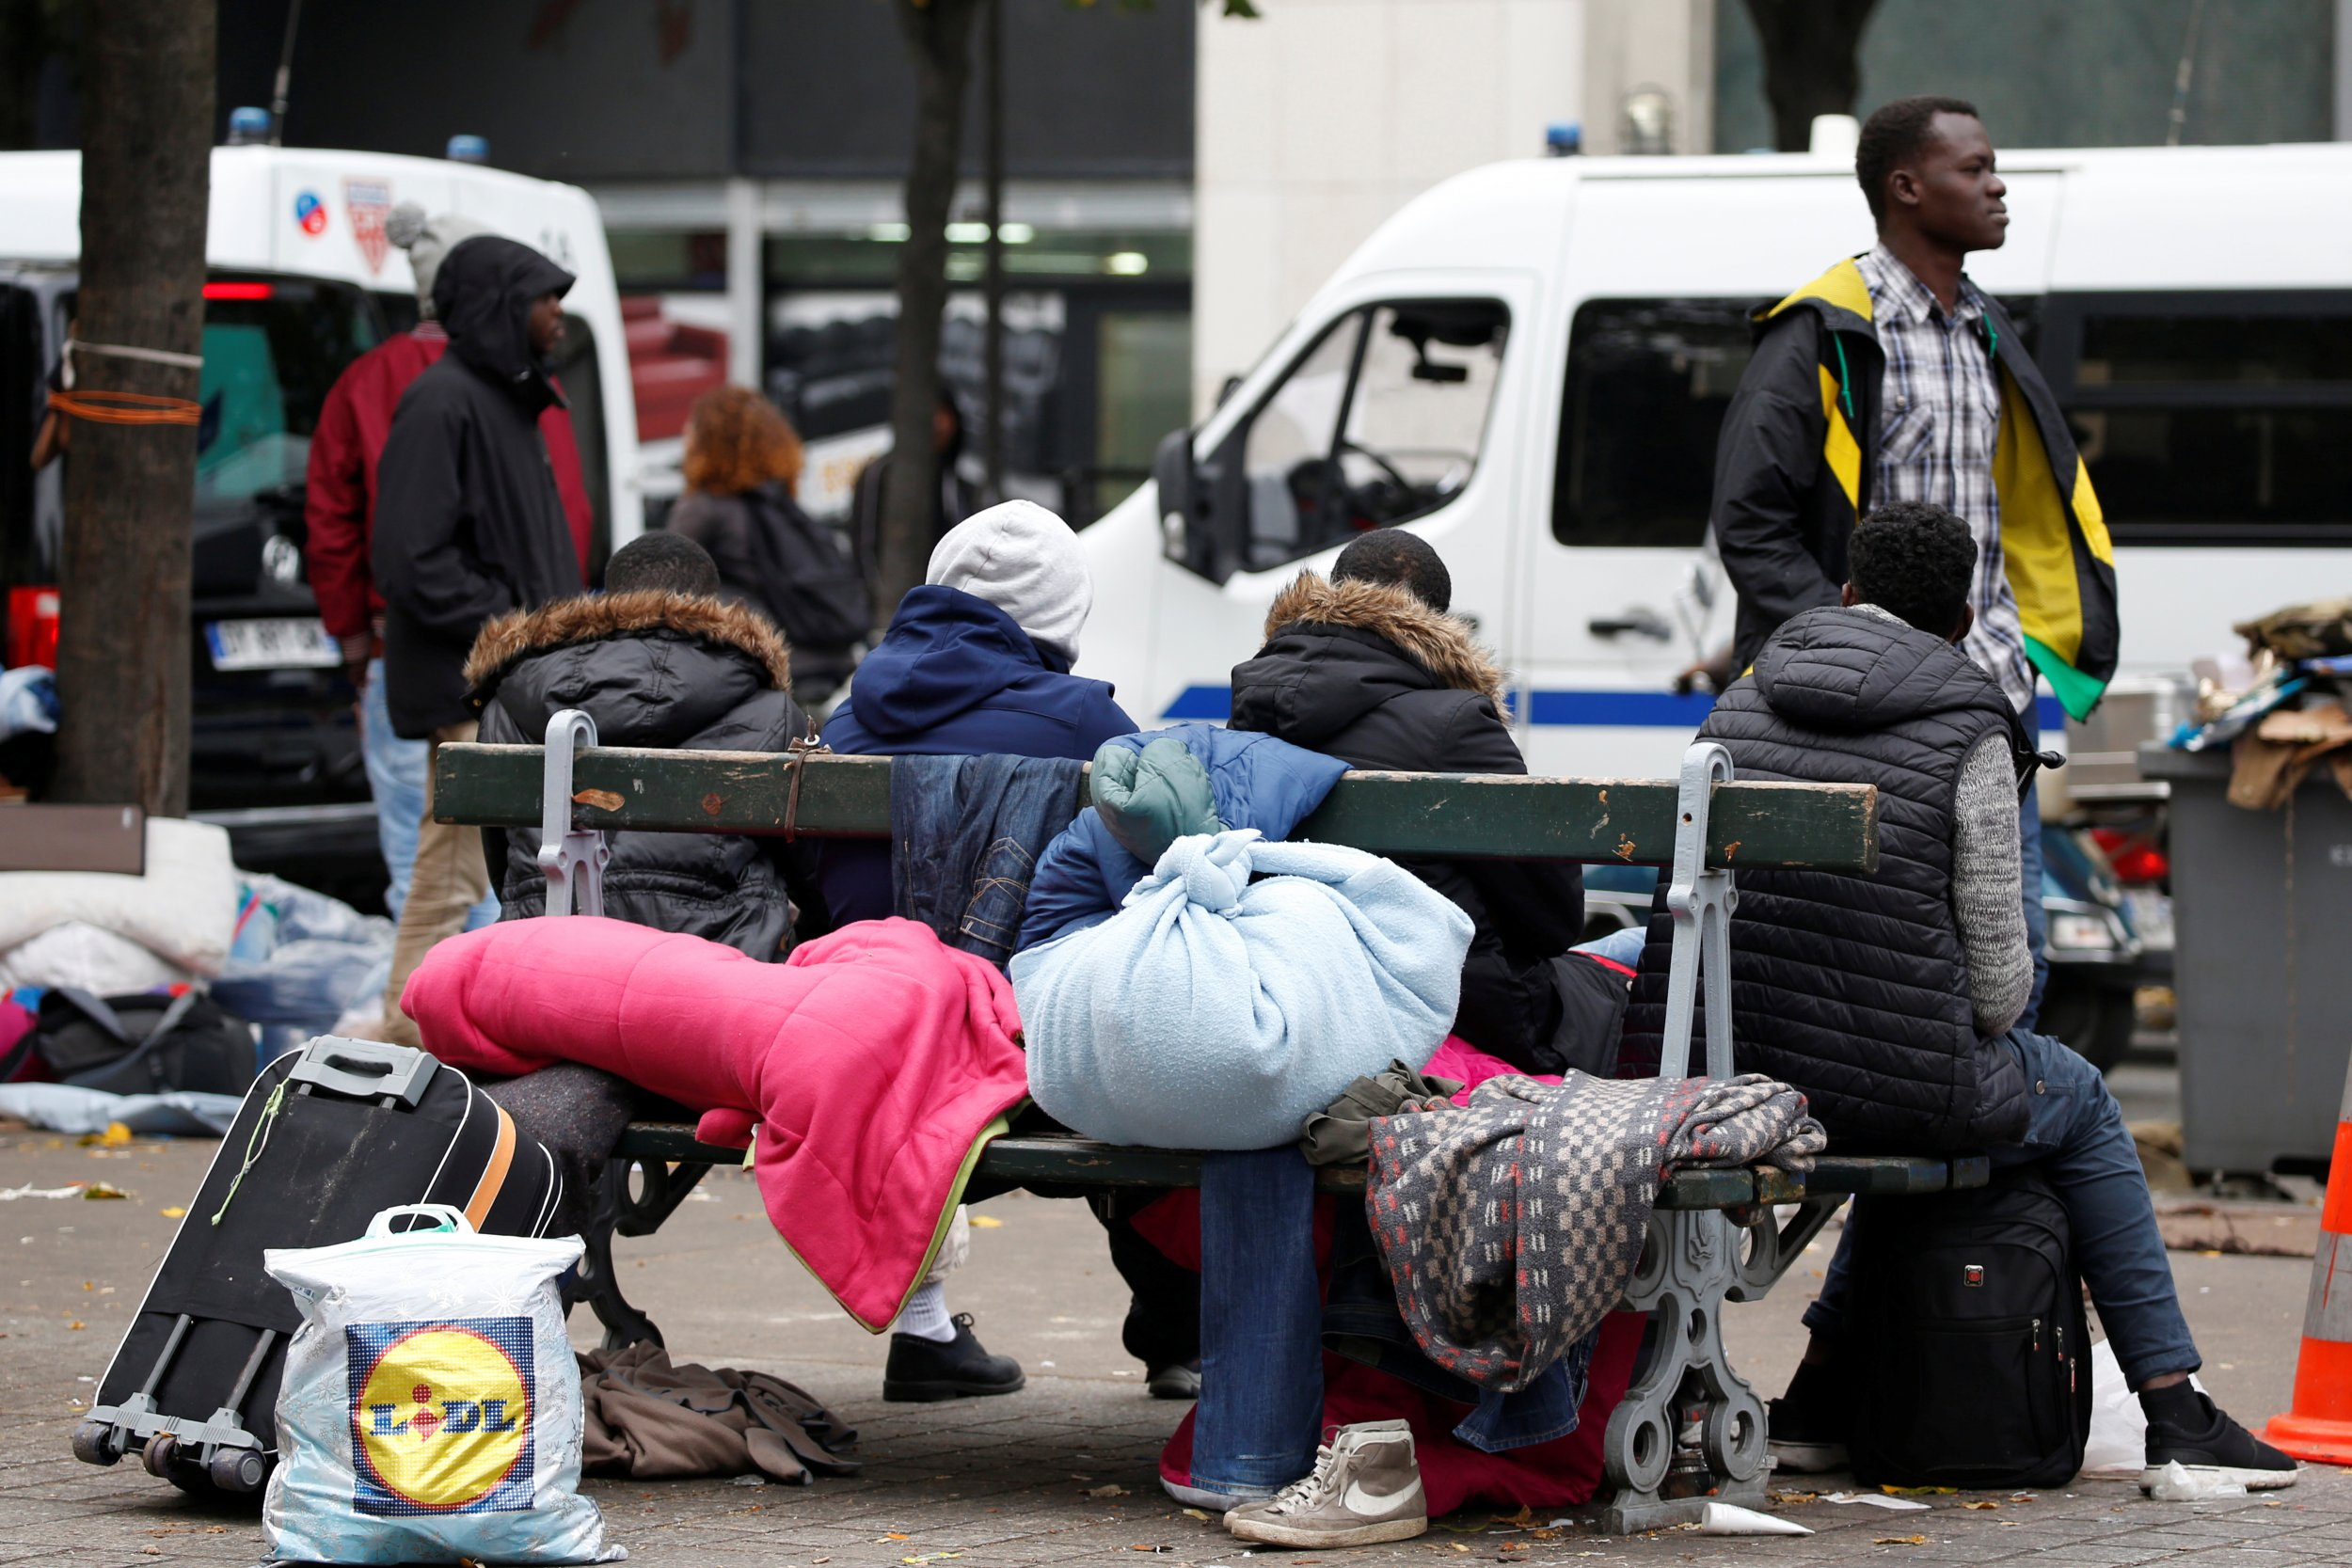 Migrants in Paris